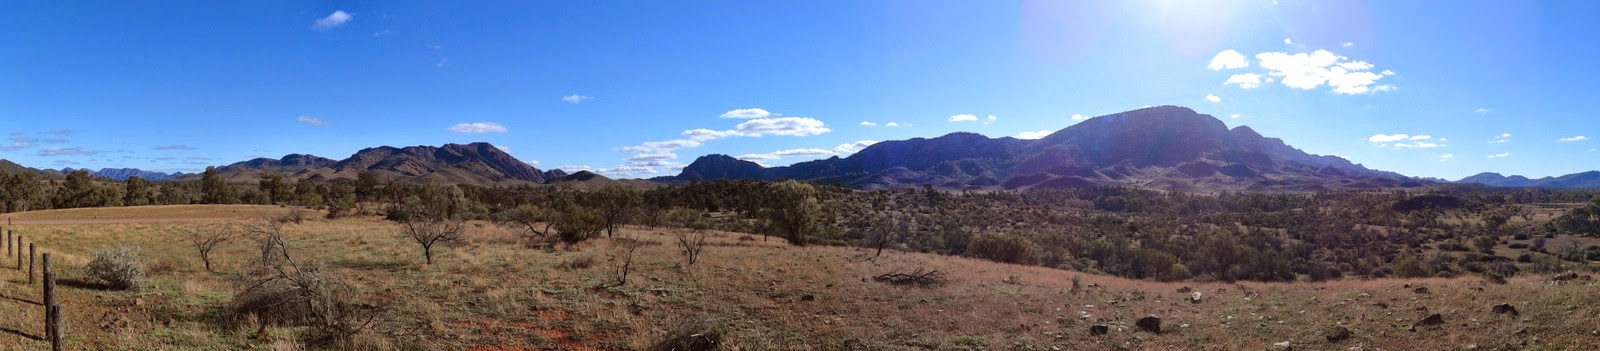 Aroona Valley